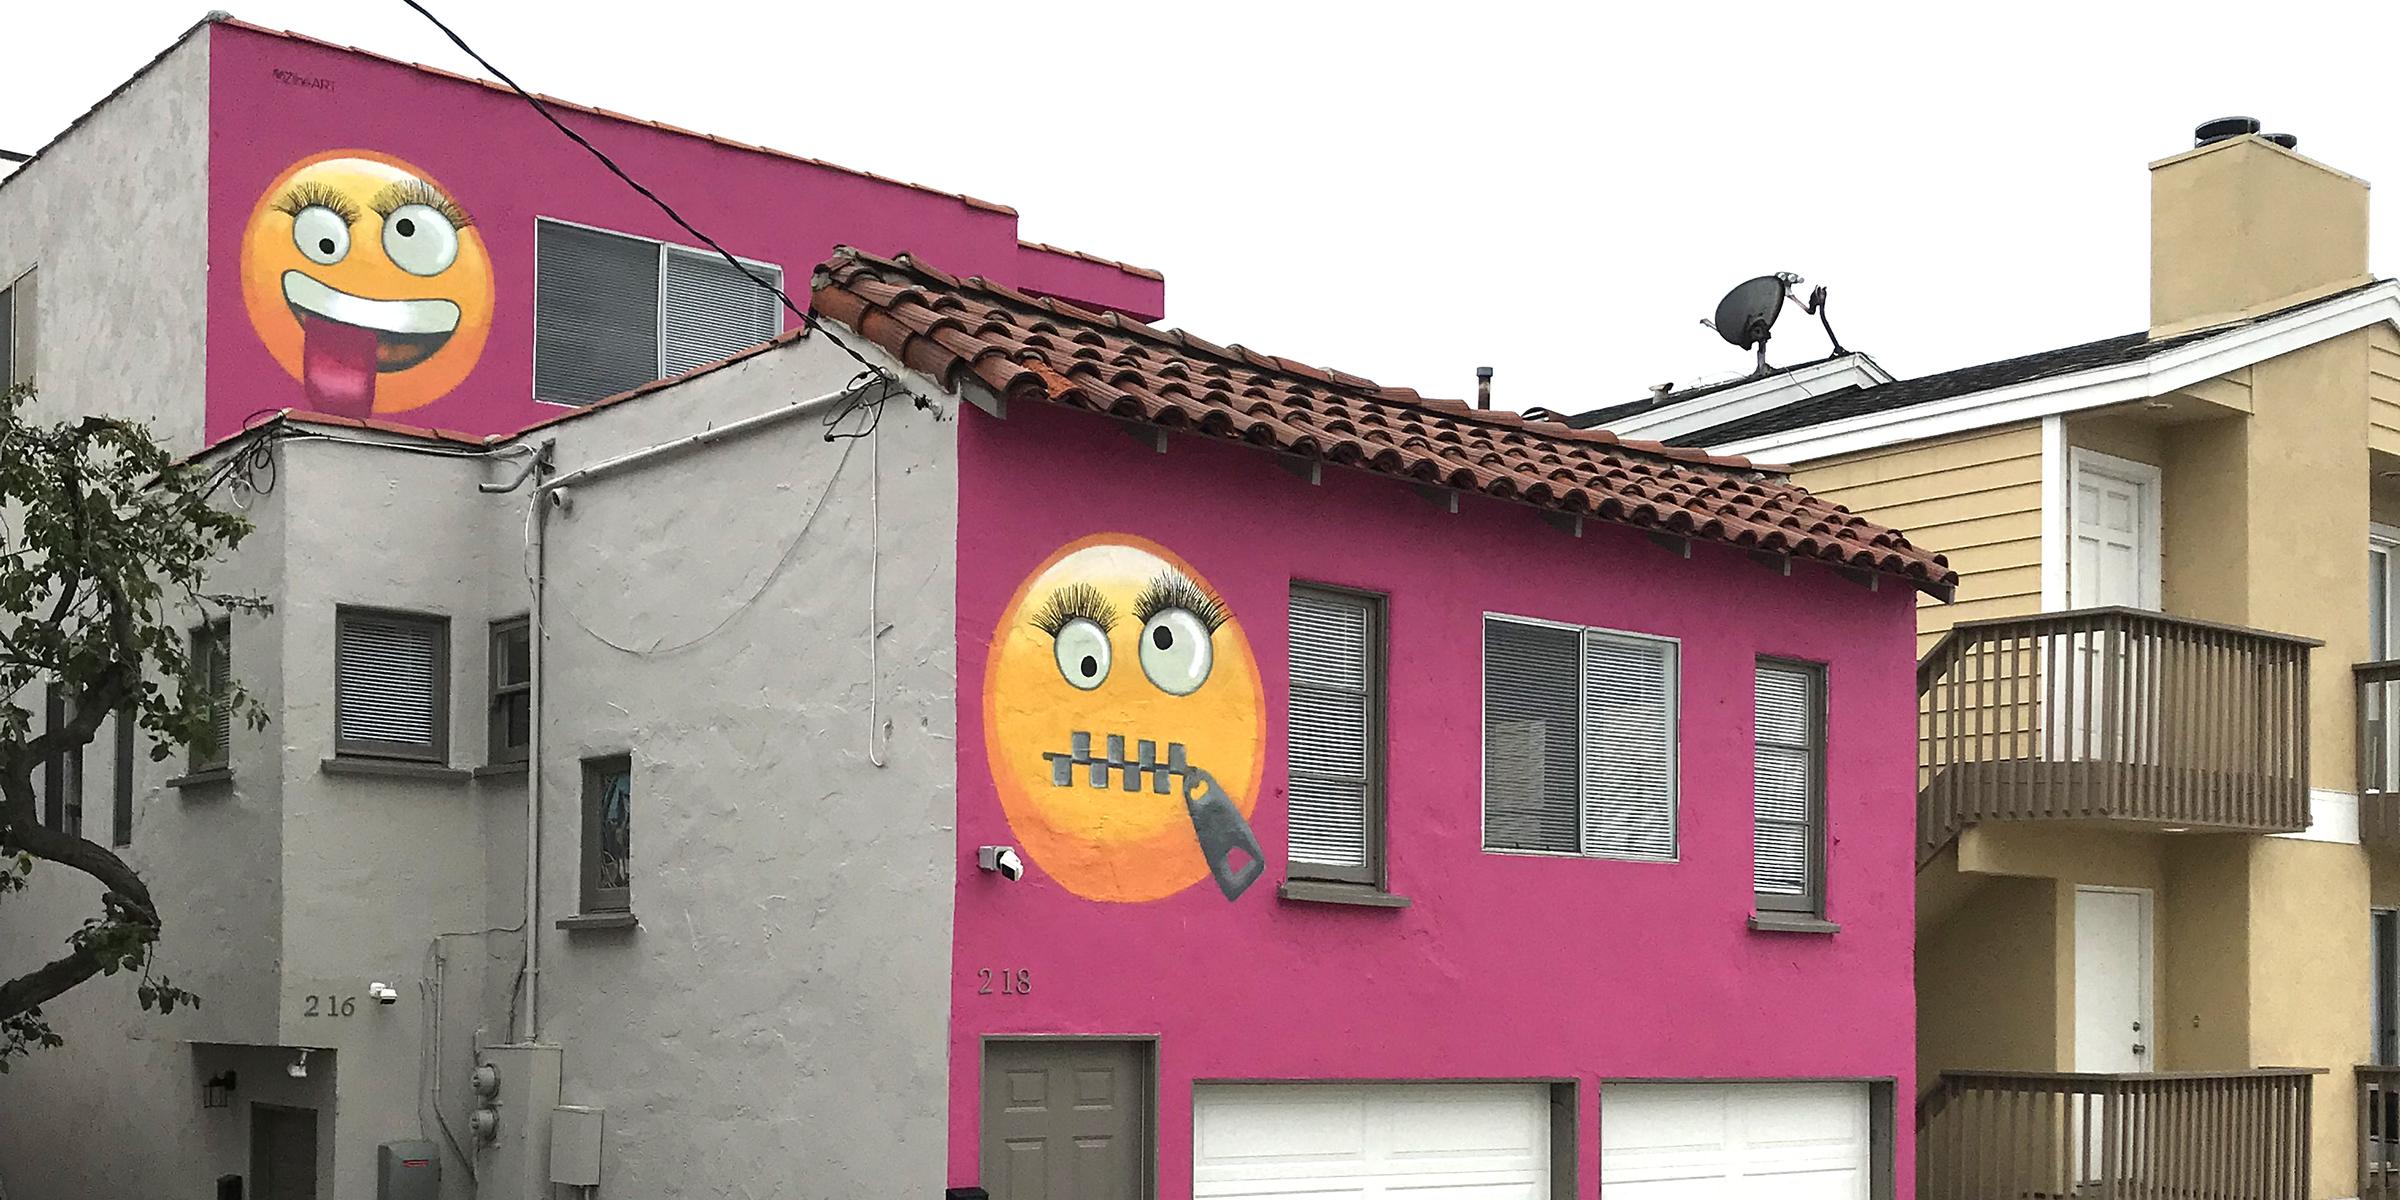 Hot Pink Emoji House Causes Neighborhood Uproar Debate